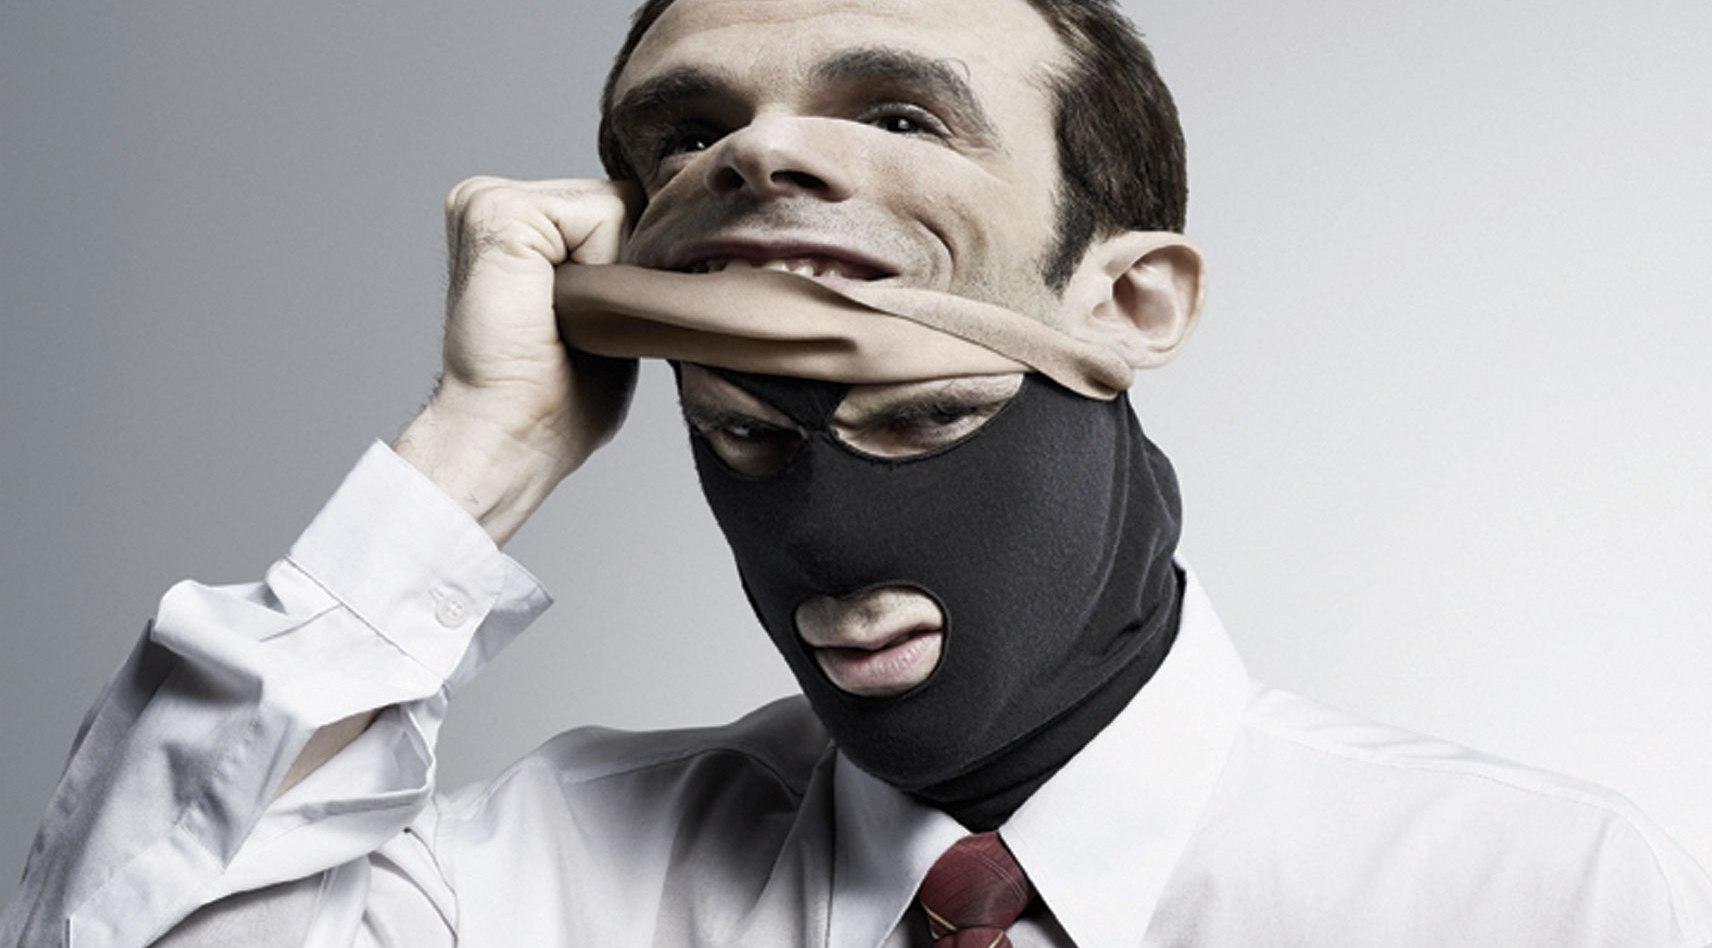 Будьте обережні! Українців попереджають про нову схему шахрайства. Такого у нас точно не було